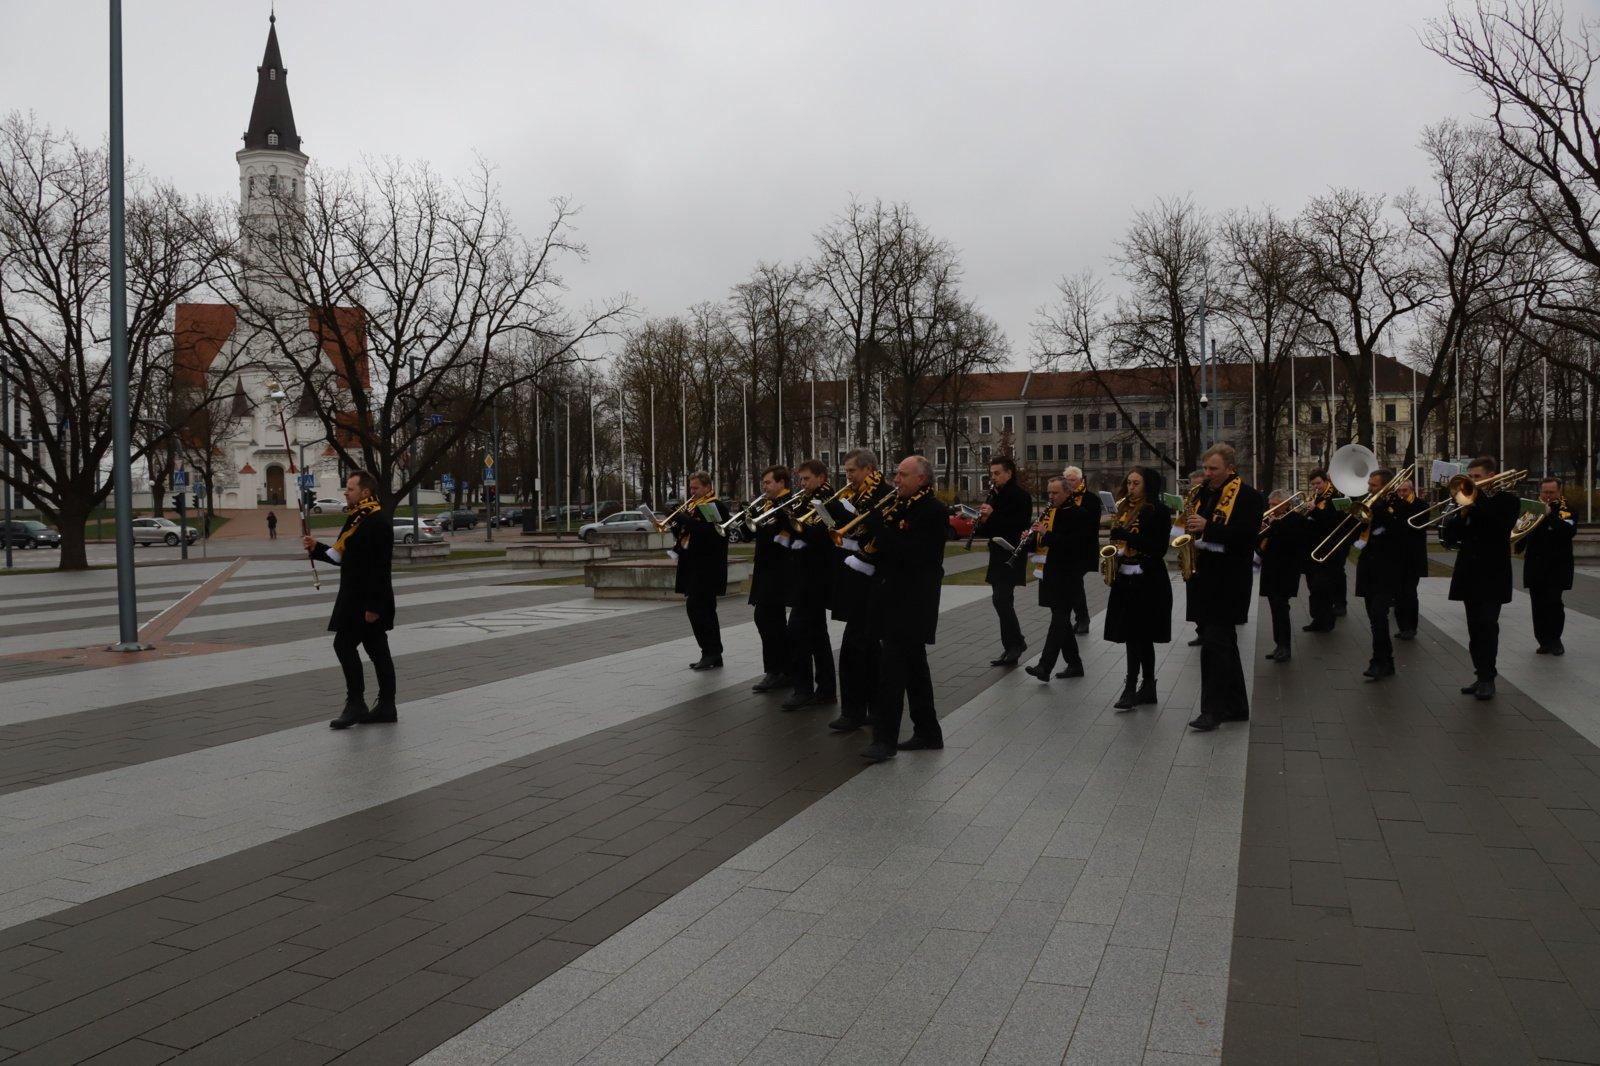 Tiesiogiai iš Prisikėlimo aikštės buvo transliuojamas Šiaulių miesto muzikinis sveikinimas Medikams